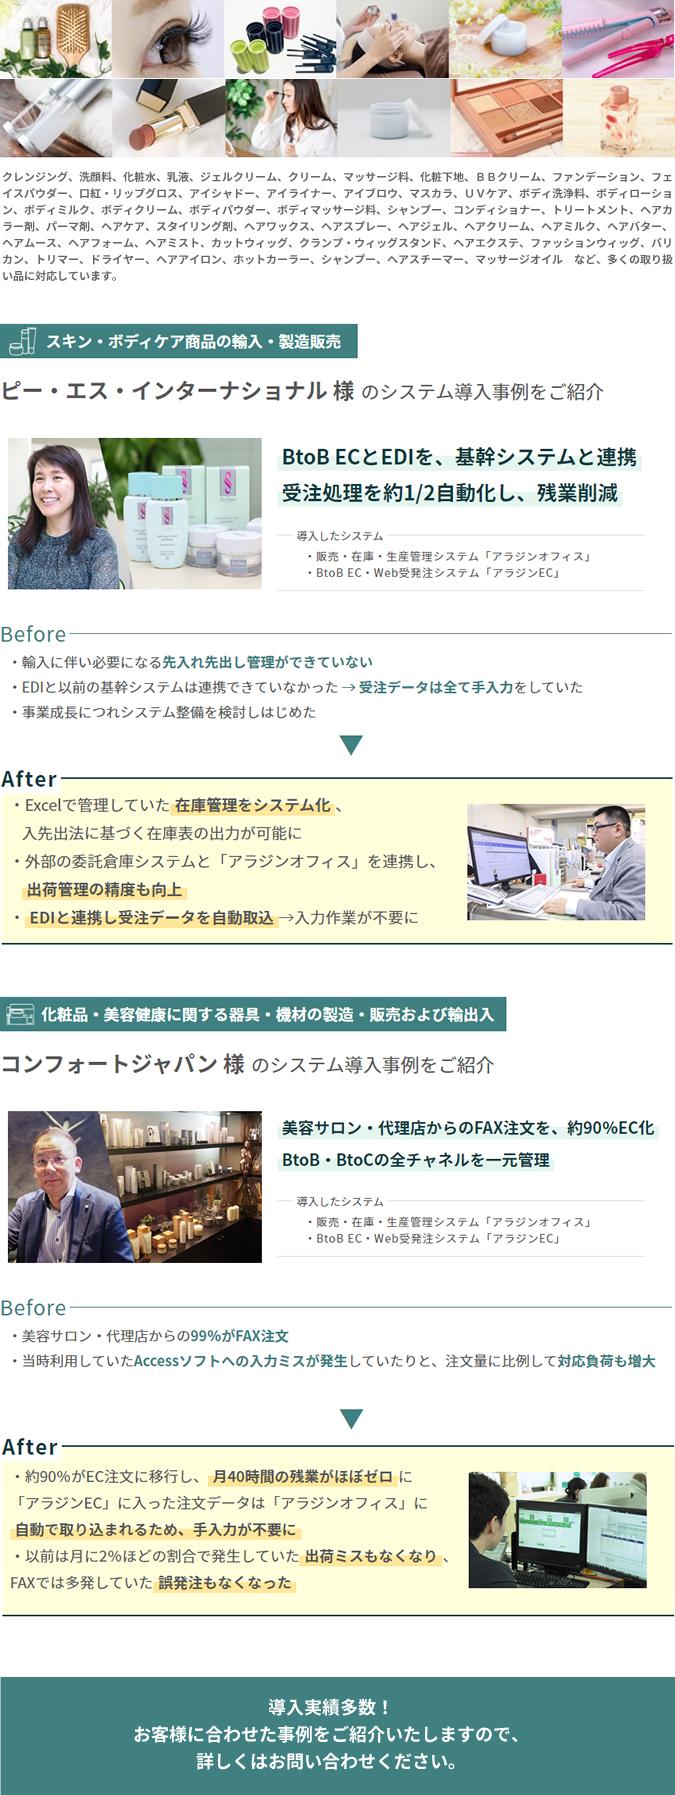 アラジンオフィス(化粧品業向け)製品詳細3